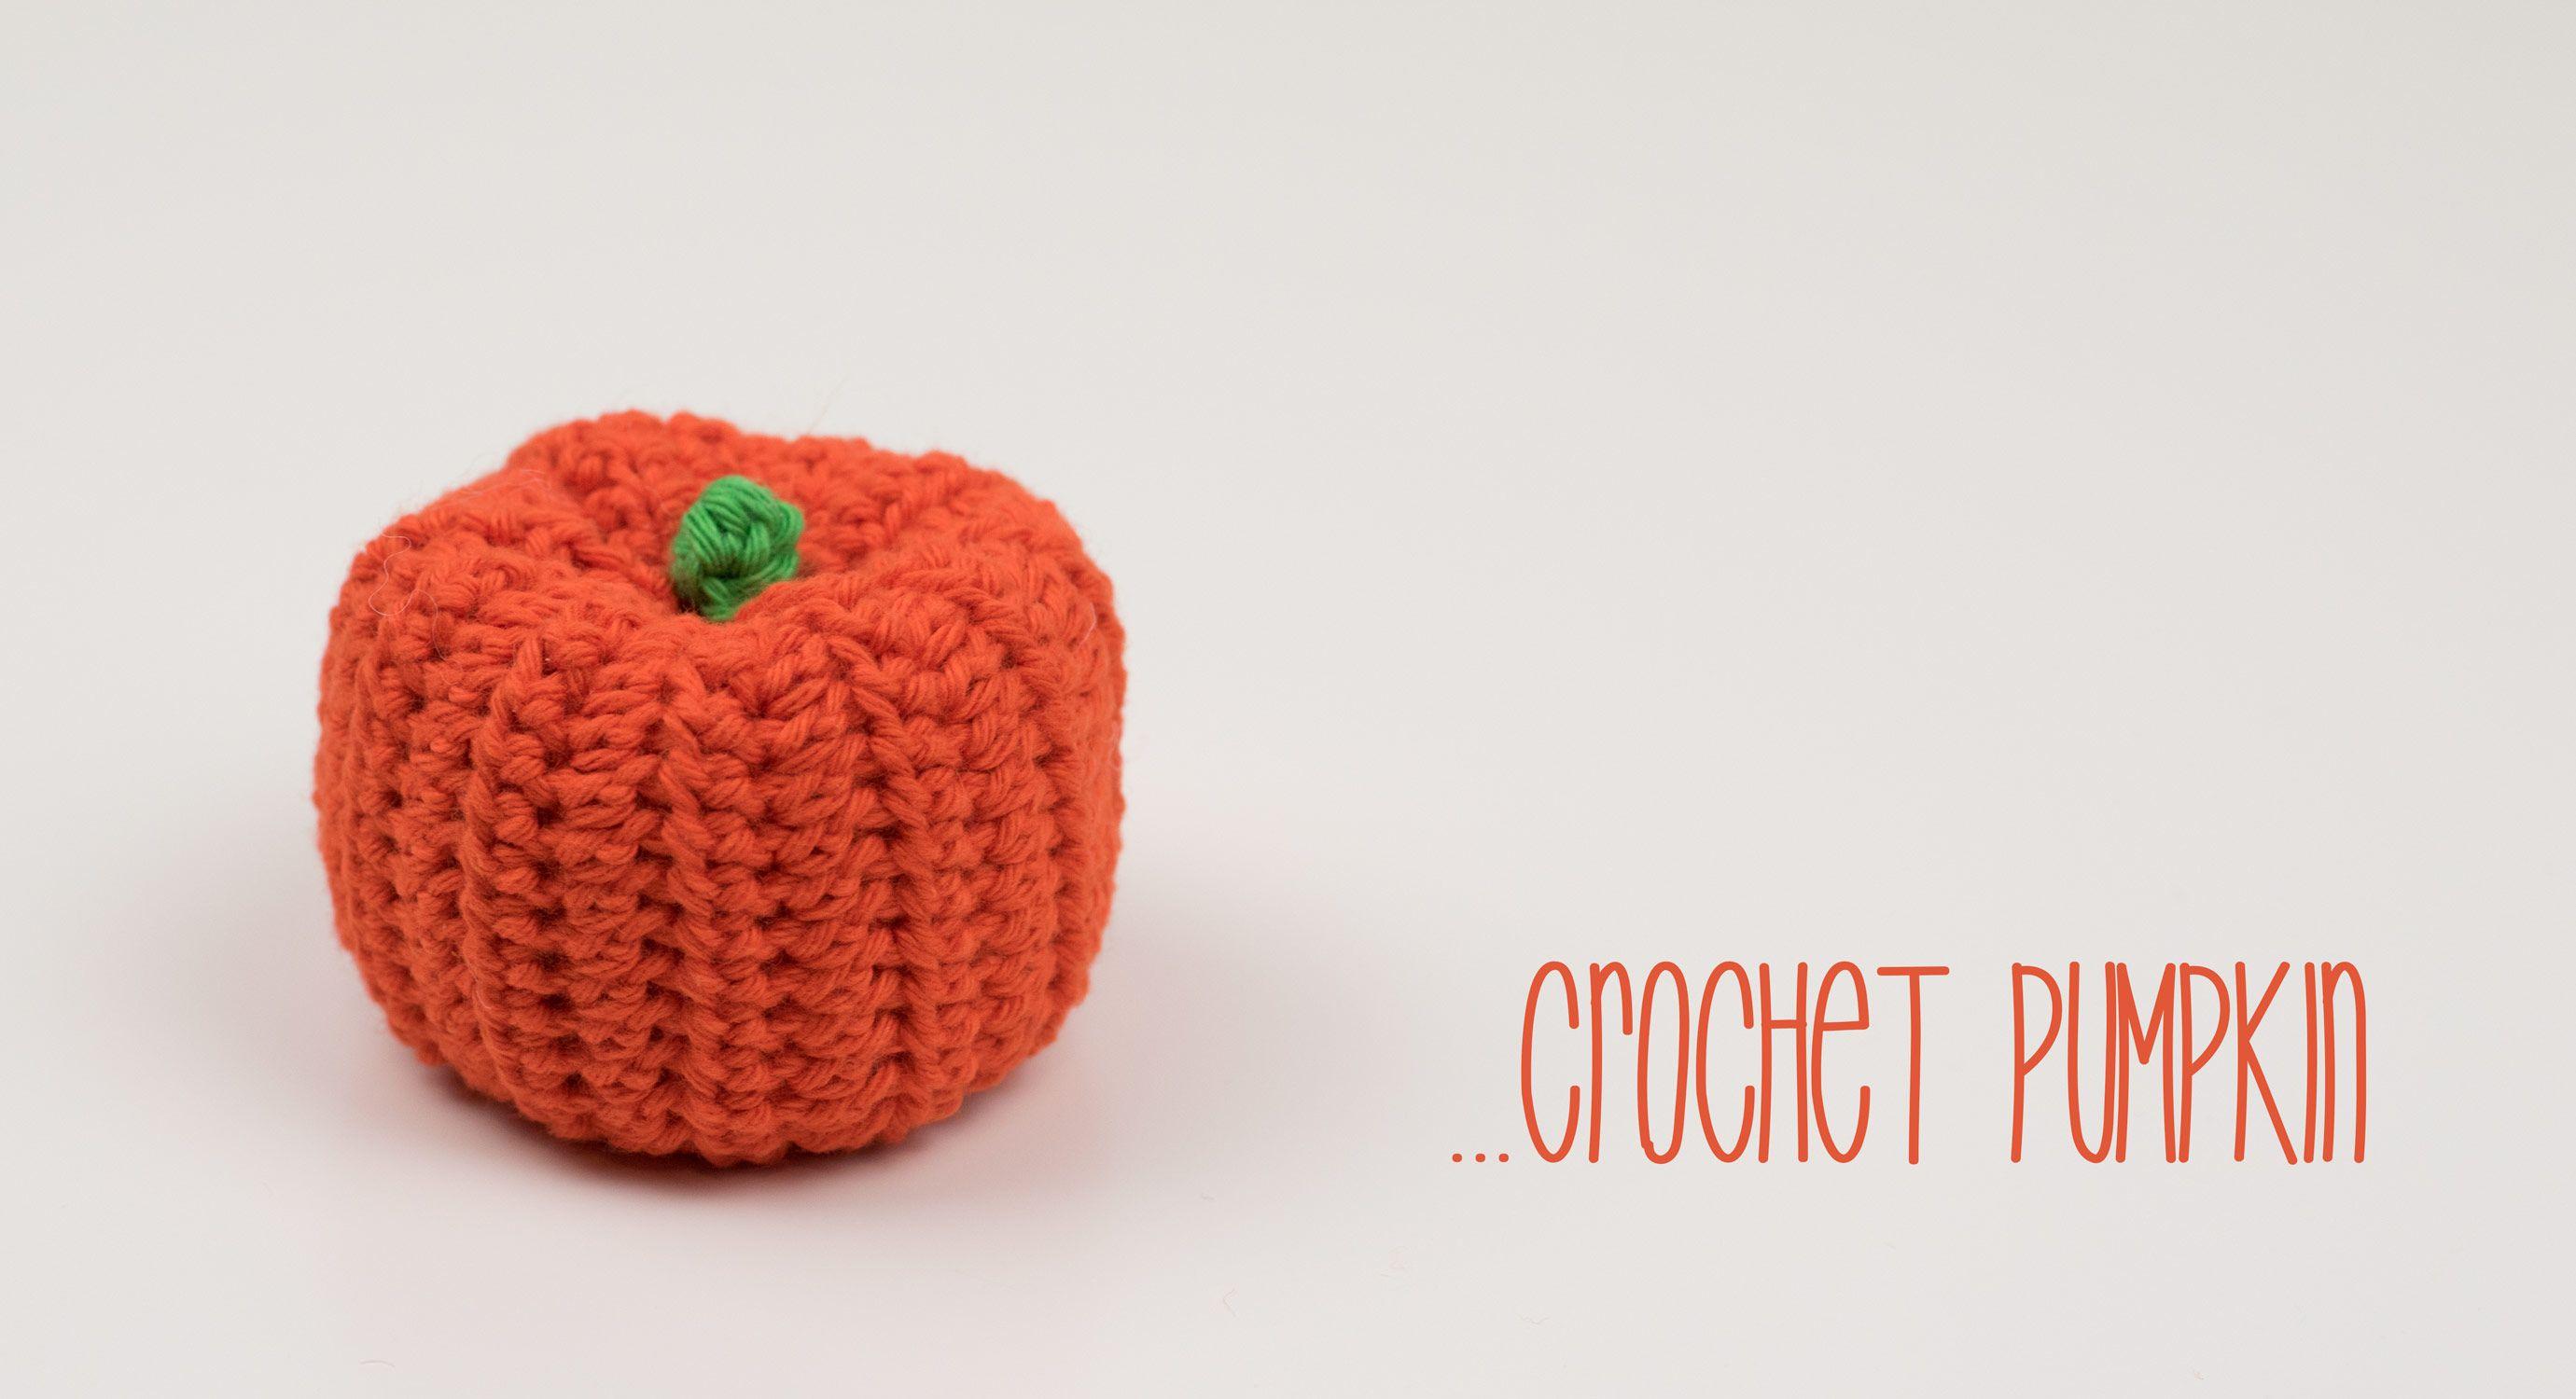 Crochet Pumpkin Pattern by Croby Patterns | Crochet | Pinterest